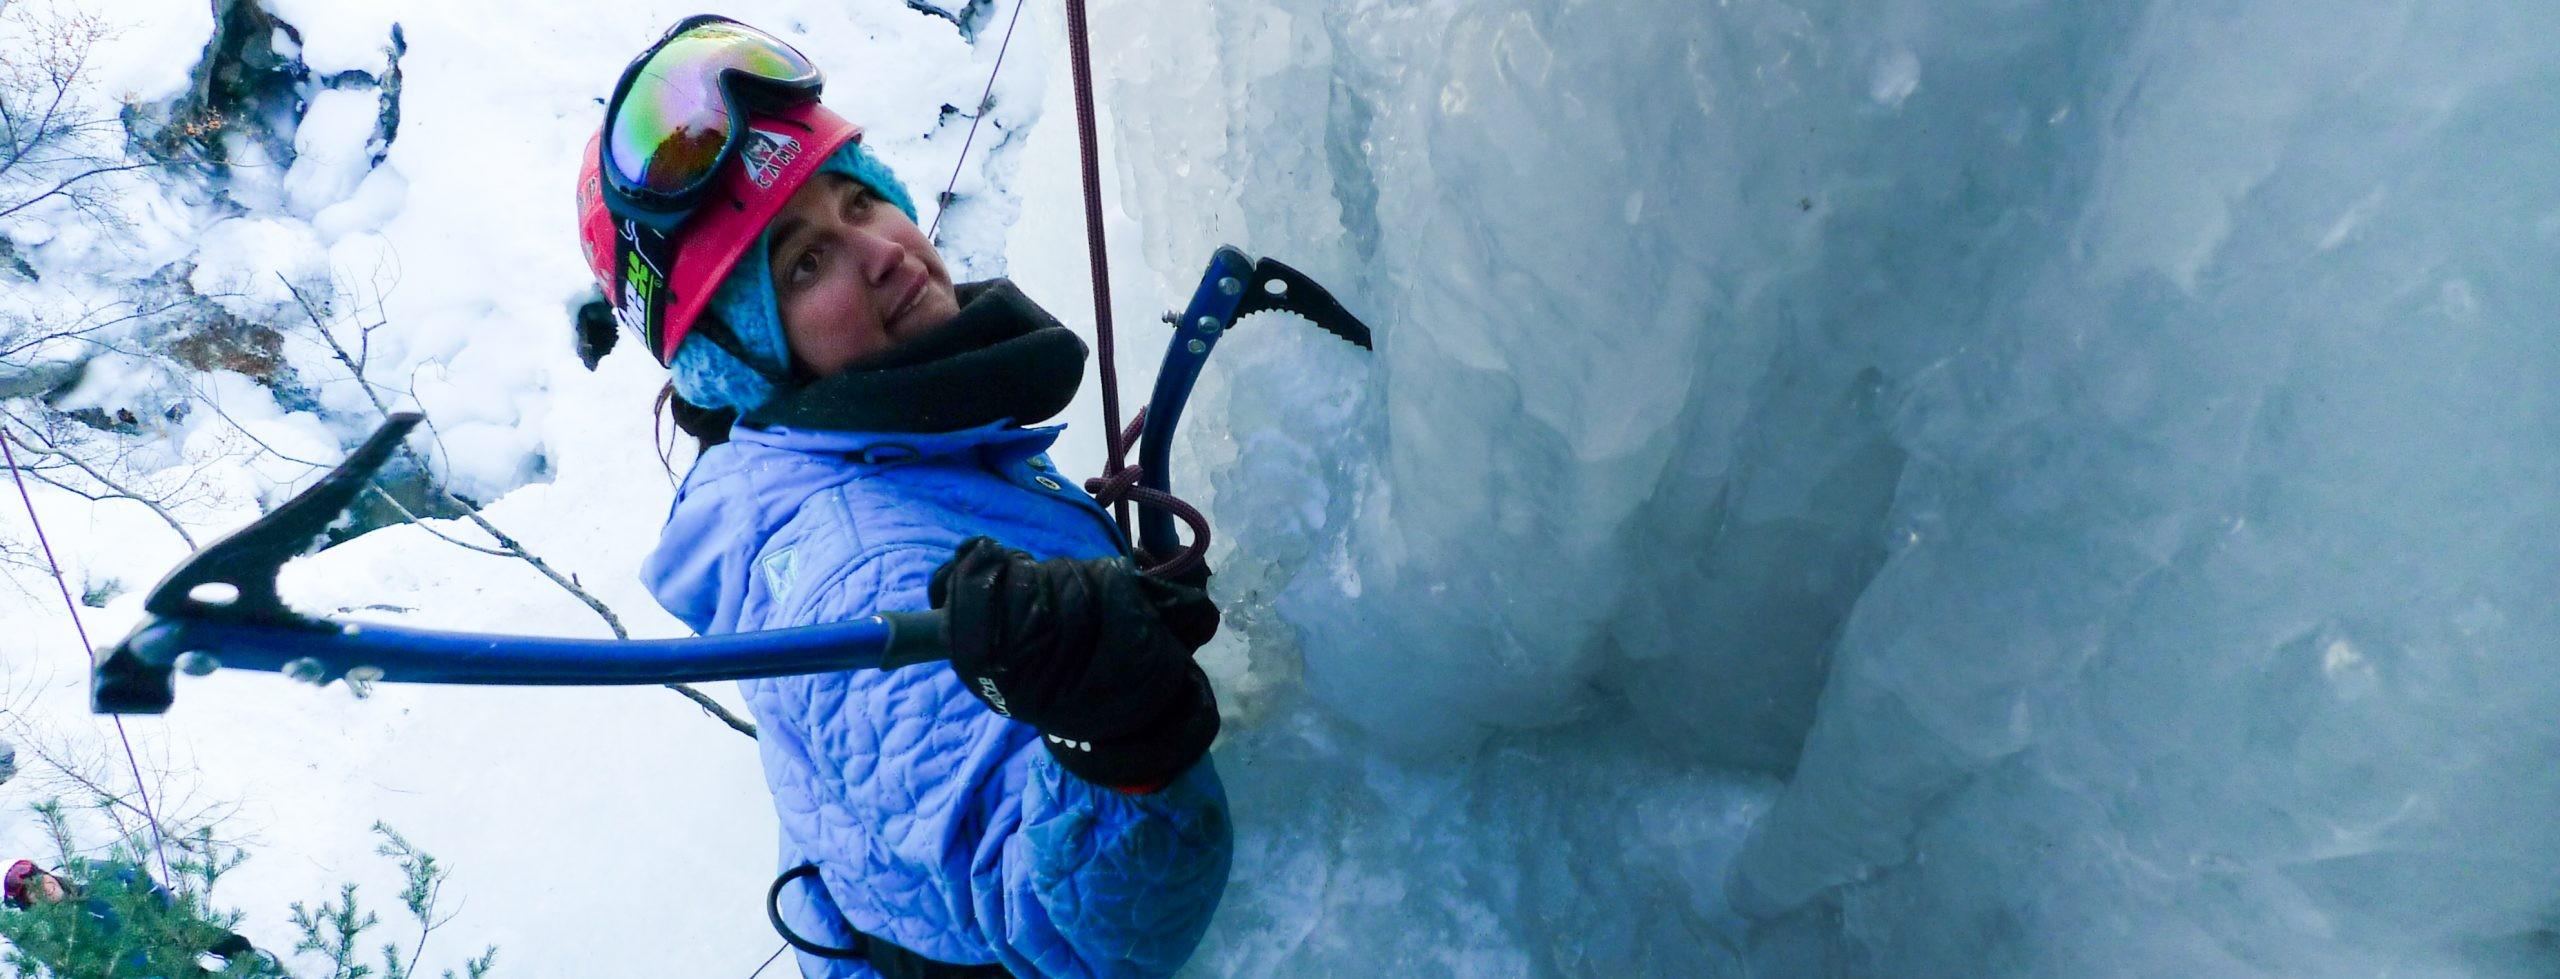 Cette initiation à l'escalade de glace se déroule à Aiguille en Queyras. Les Hautes Alpes est un spot majeur pour la cascade de glace. Votre guide de haute montagne connait chaque cascade, il vous guidera sur ces belles structures de glace.